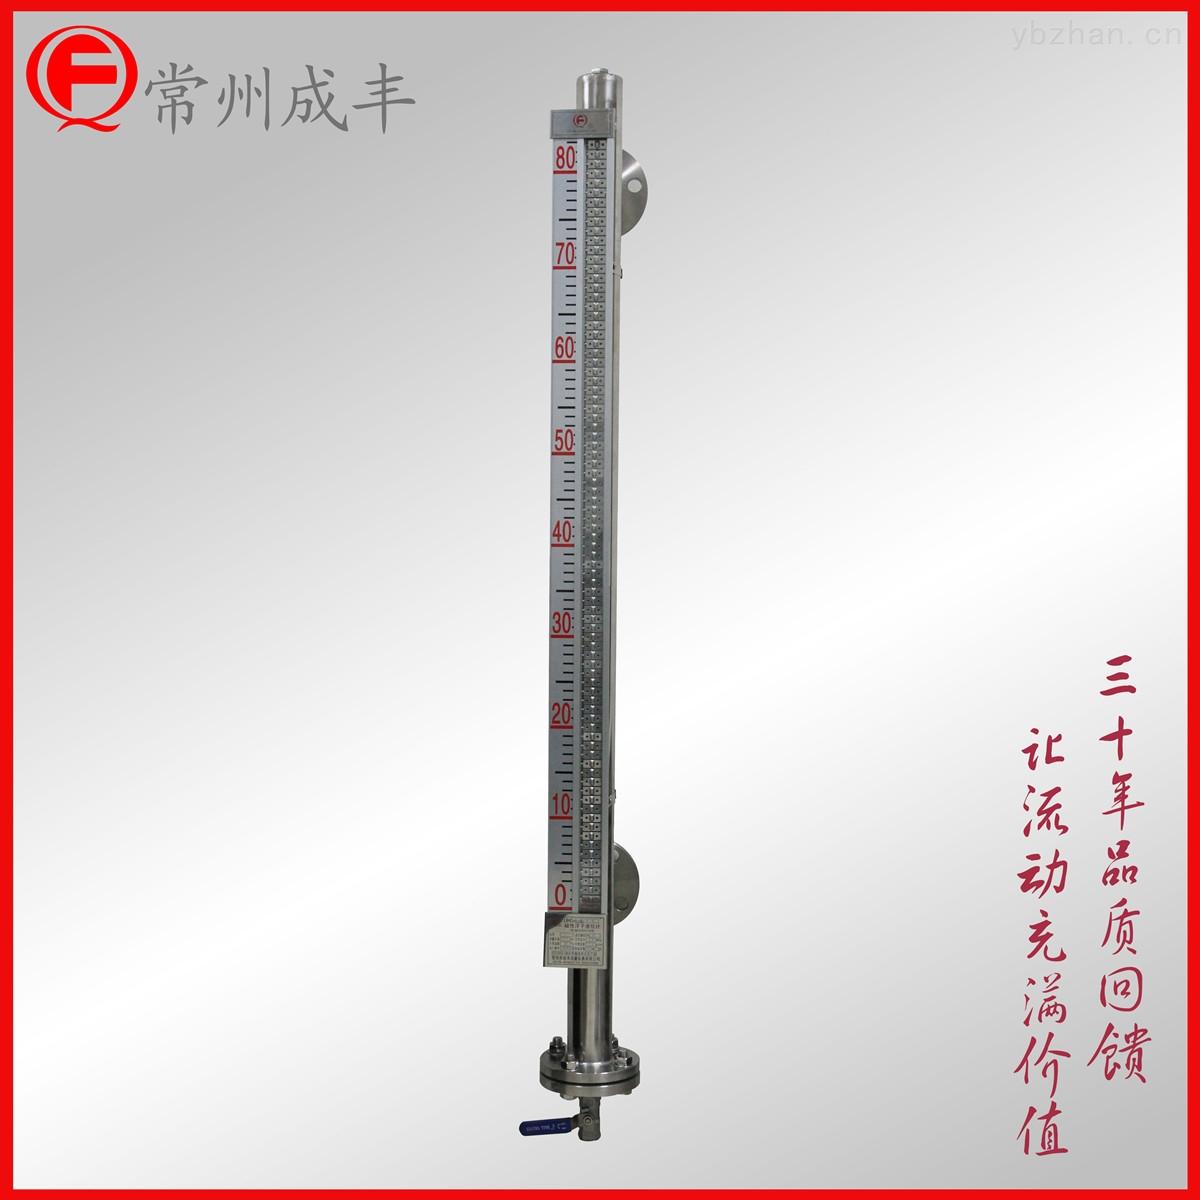 成丰仪表液位计 磁翻板显示可带4-20mA输出